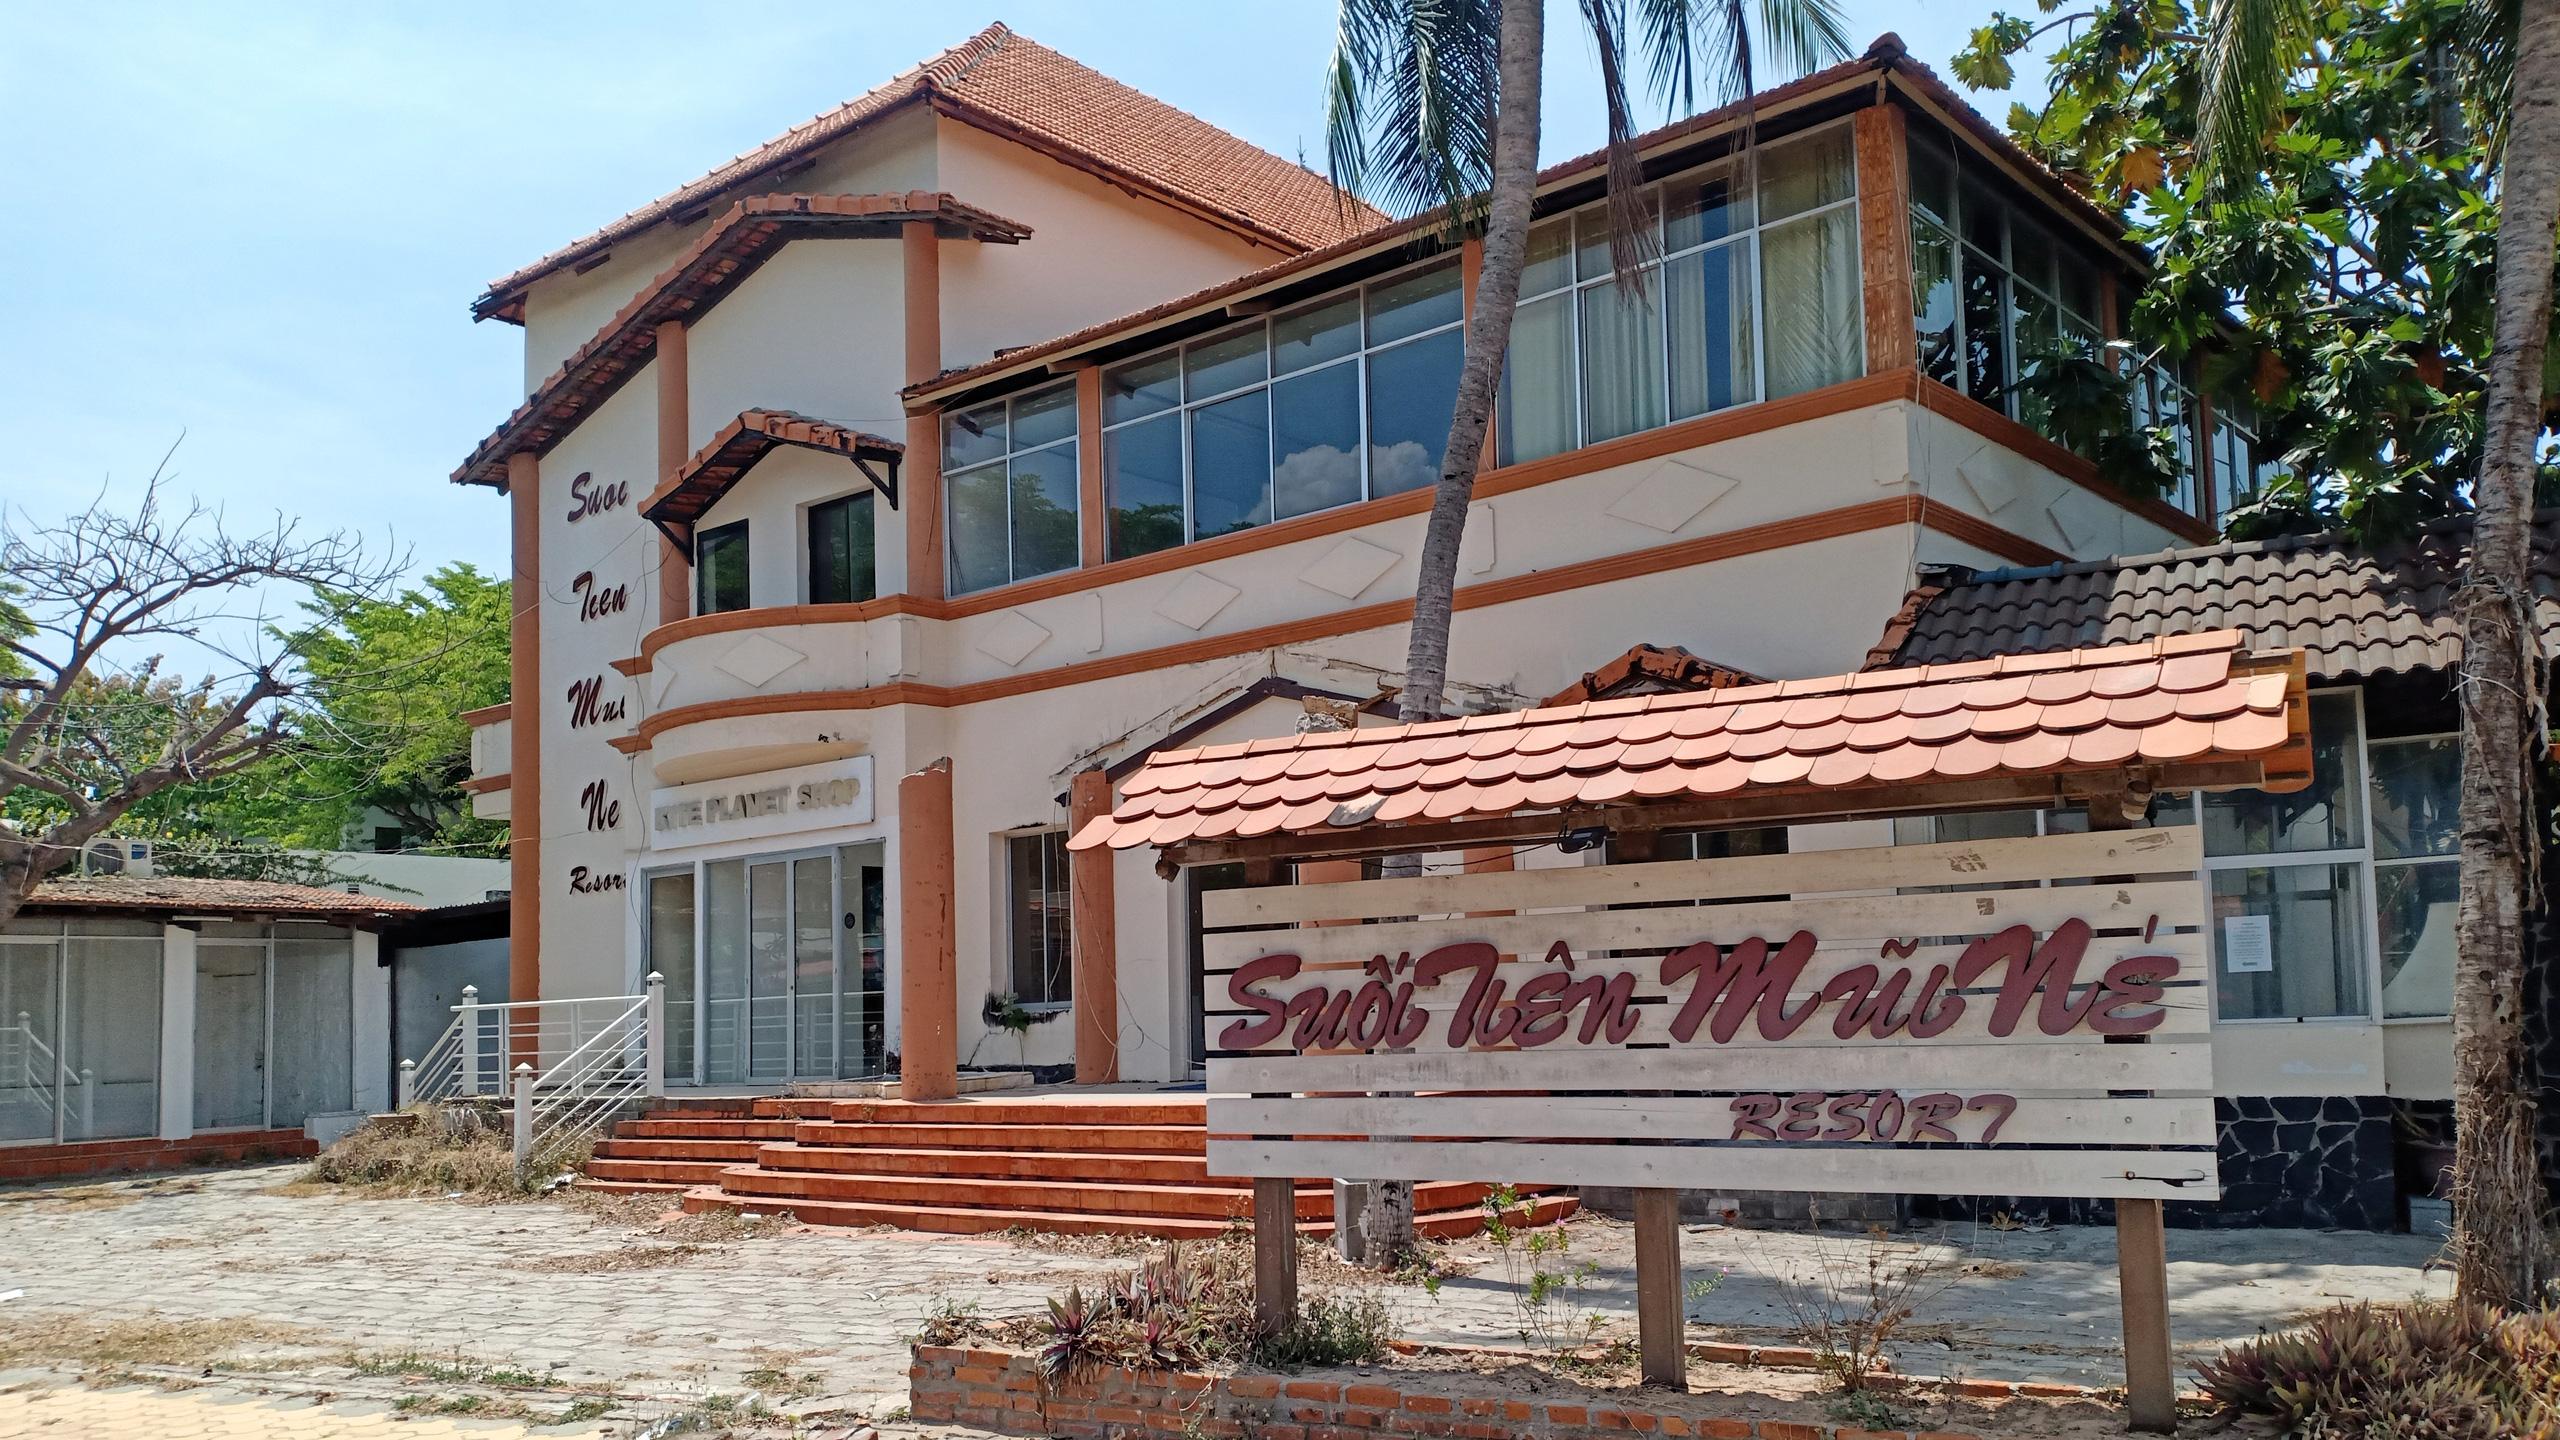 Hàng quán dọc biển Mũi Né đồng loạt 'cửa đóng then cài' - Ảnh 4.